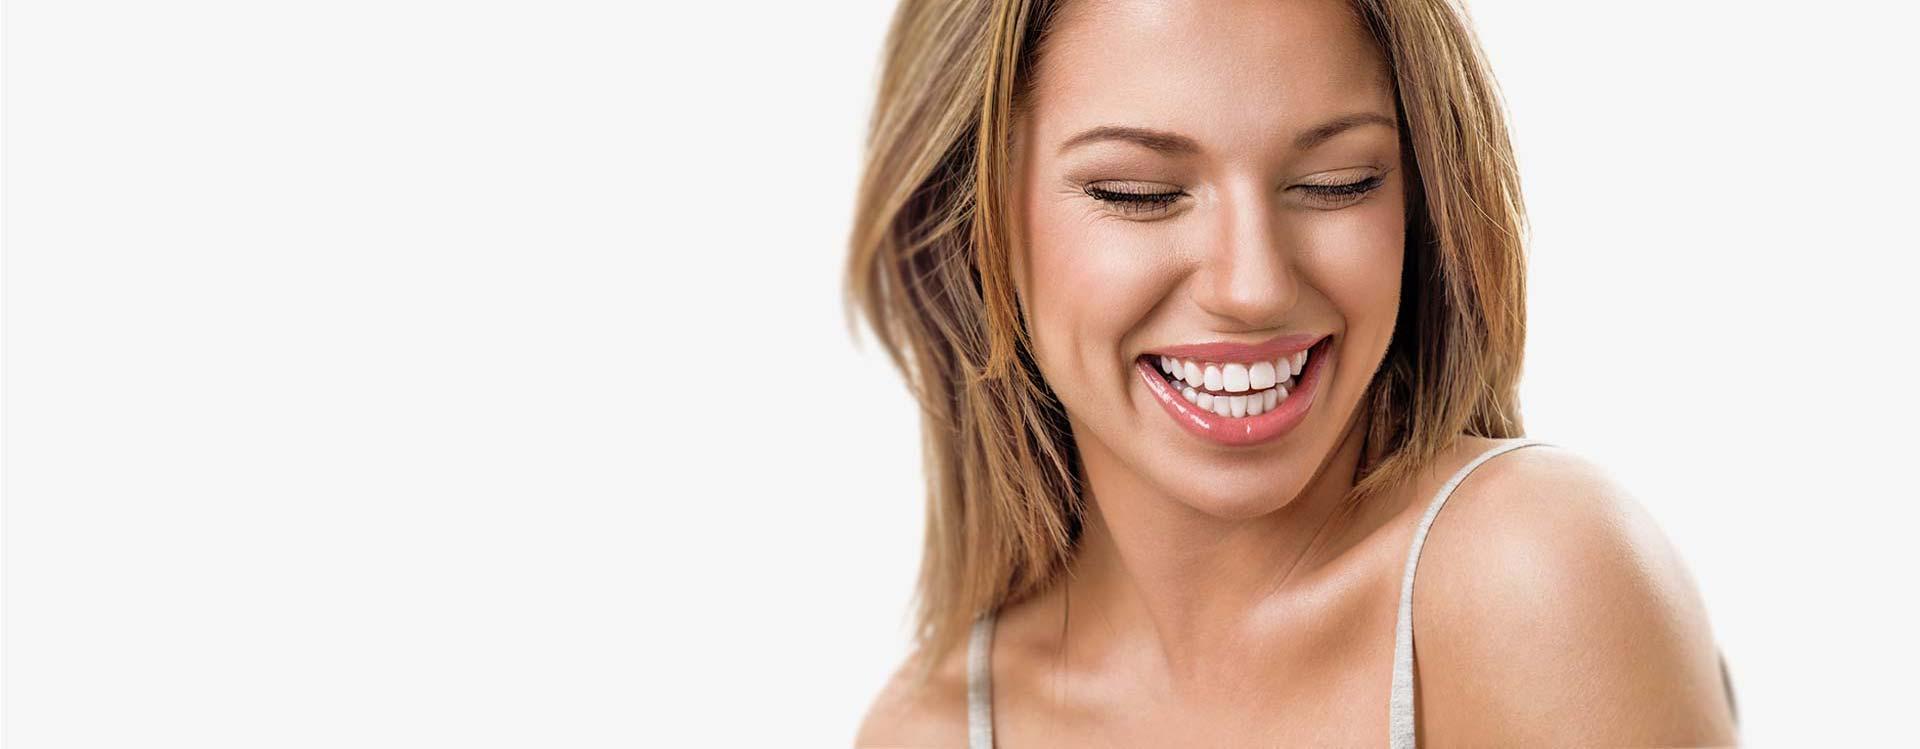 Pomagamy w uśmiechu